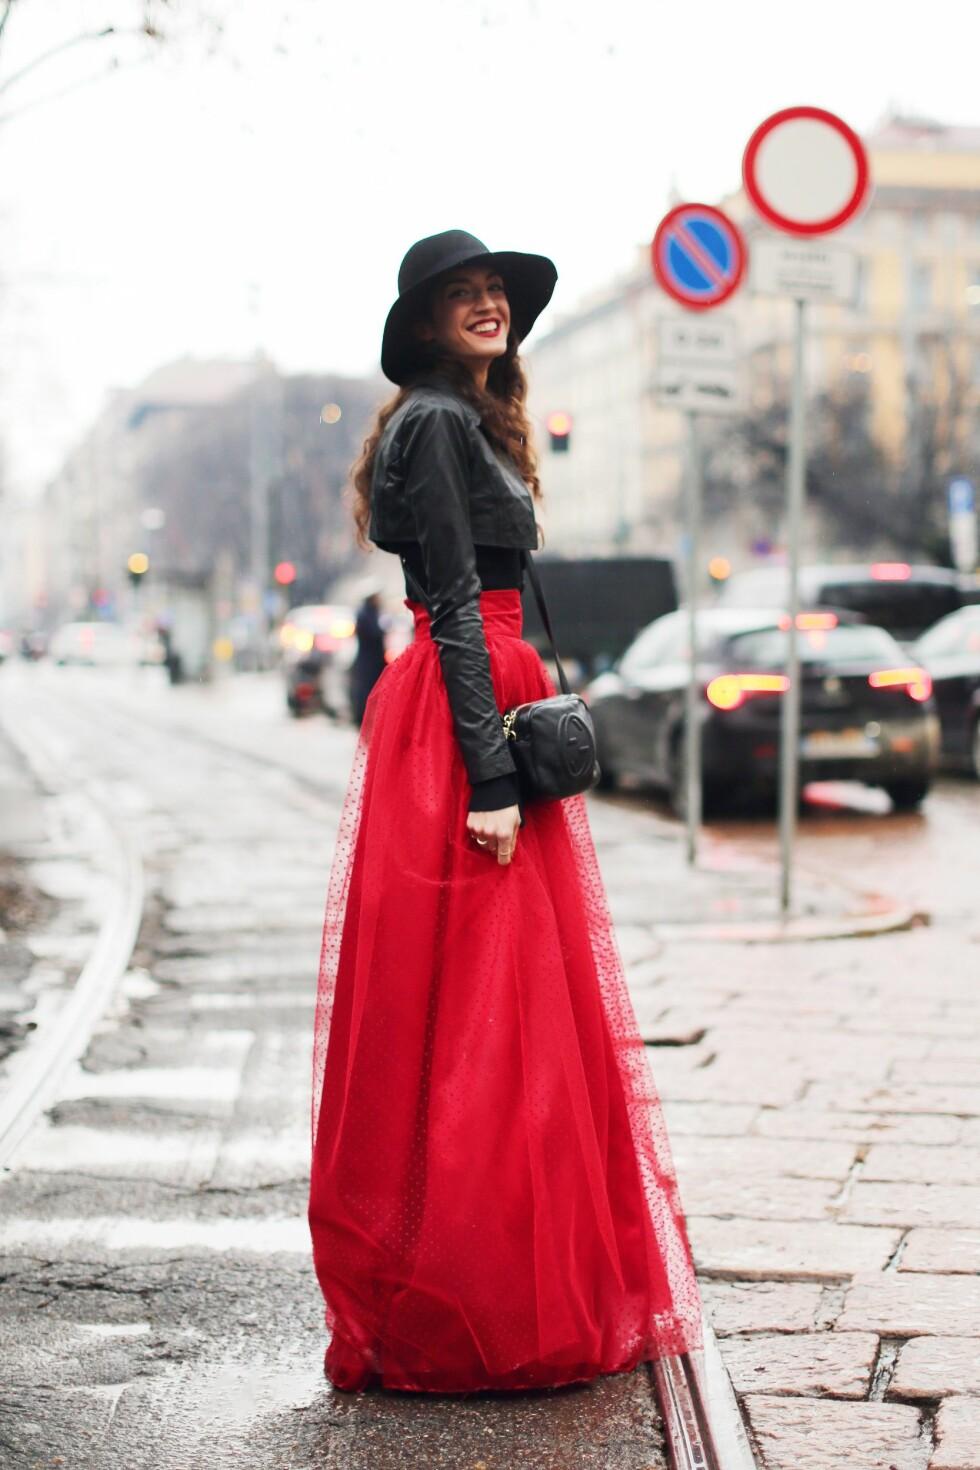 VEKK OPPSIKT: Rødt er en oppsiktsvekkende farge i seg selv, men det trenger ikke bety at du må kle deg diskret og forsiktig når du bruker fargen. Et statementplagg som et langt tyllskjørt i kombinasjon med en nett skinnjakke gir en oppdatert look verdig en fashionista. Foto: All Over